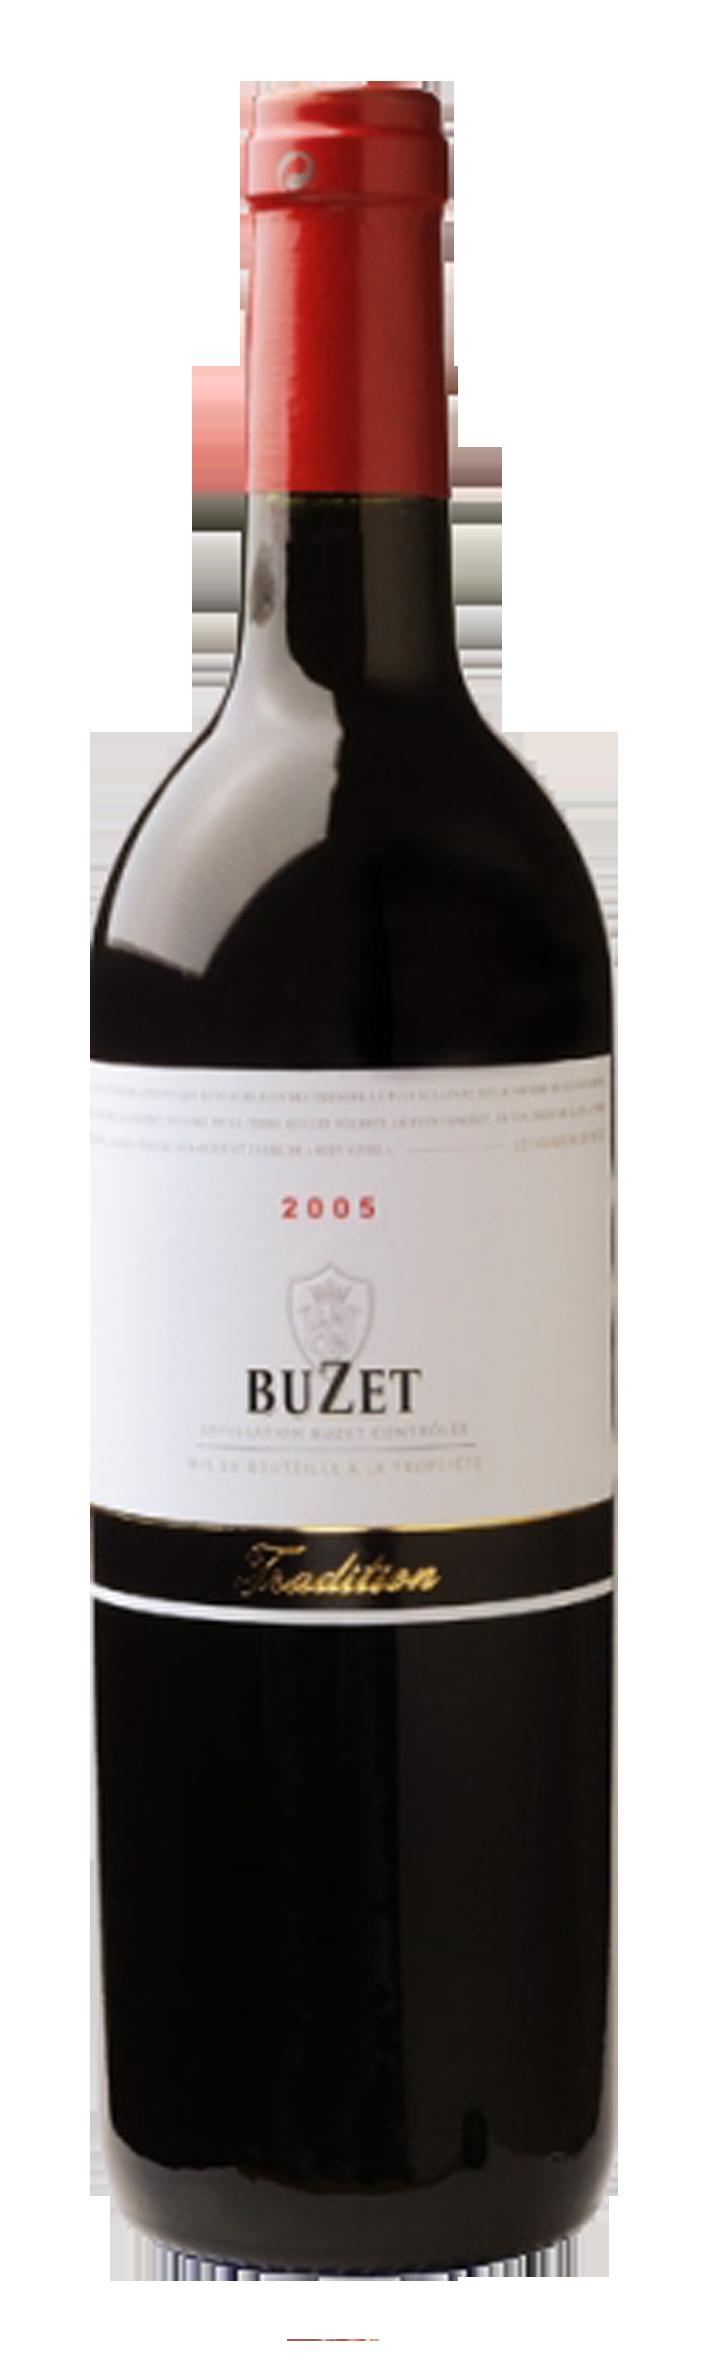 softs bouteille de vin buzet rouge cl lys